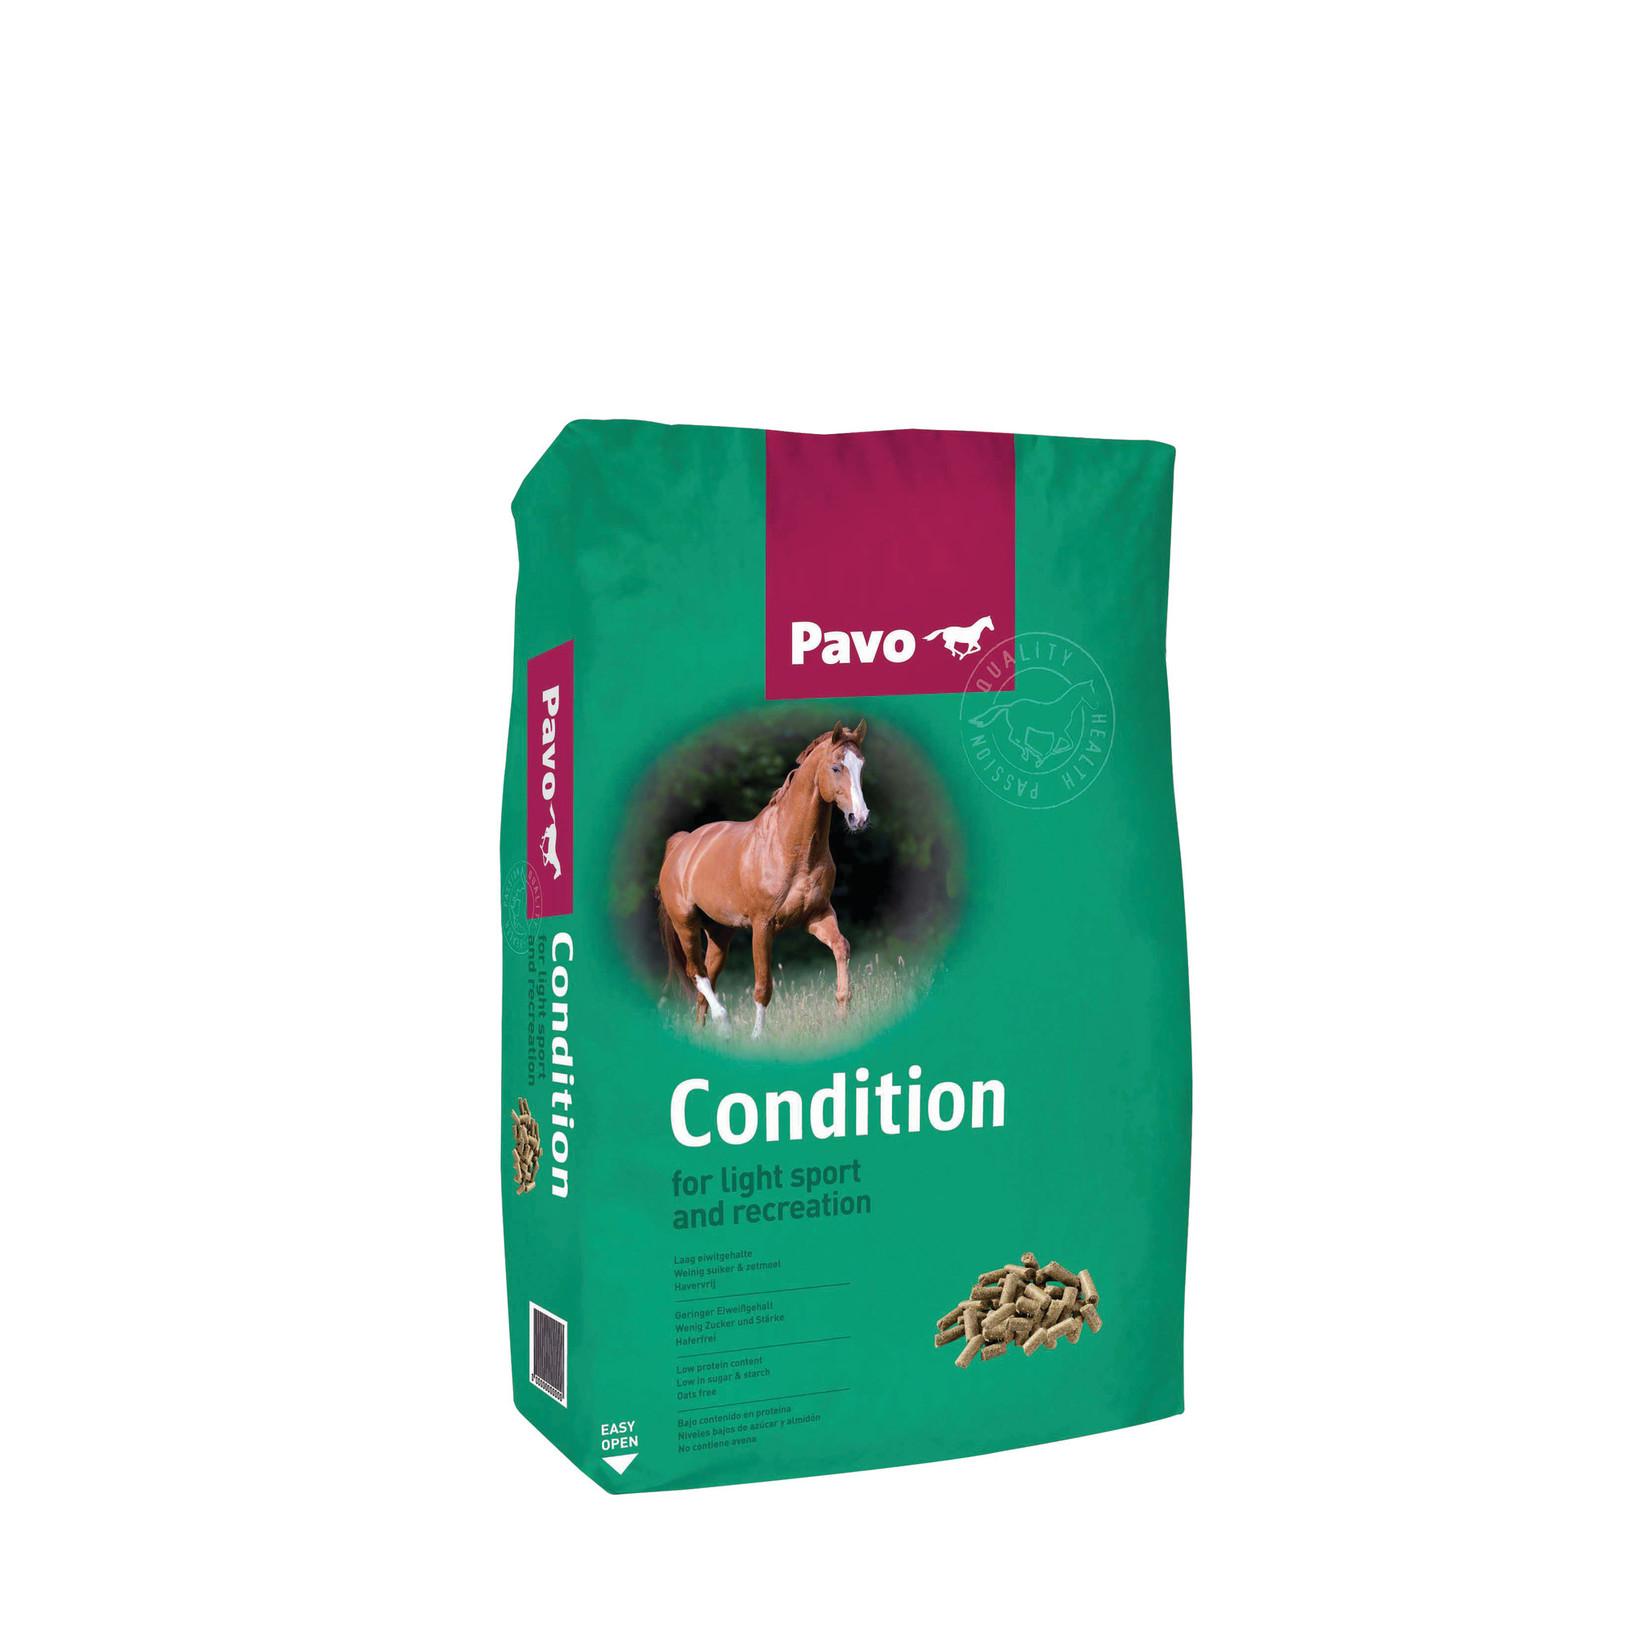 Pavo Pavo Condition